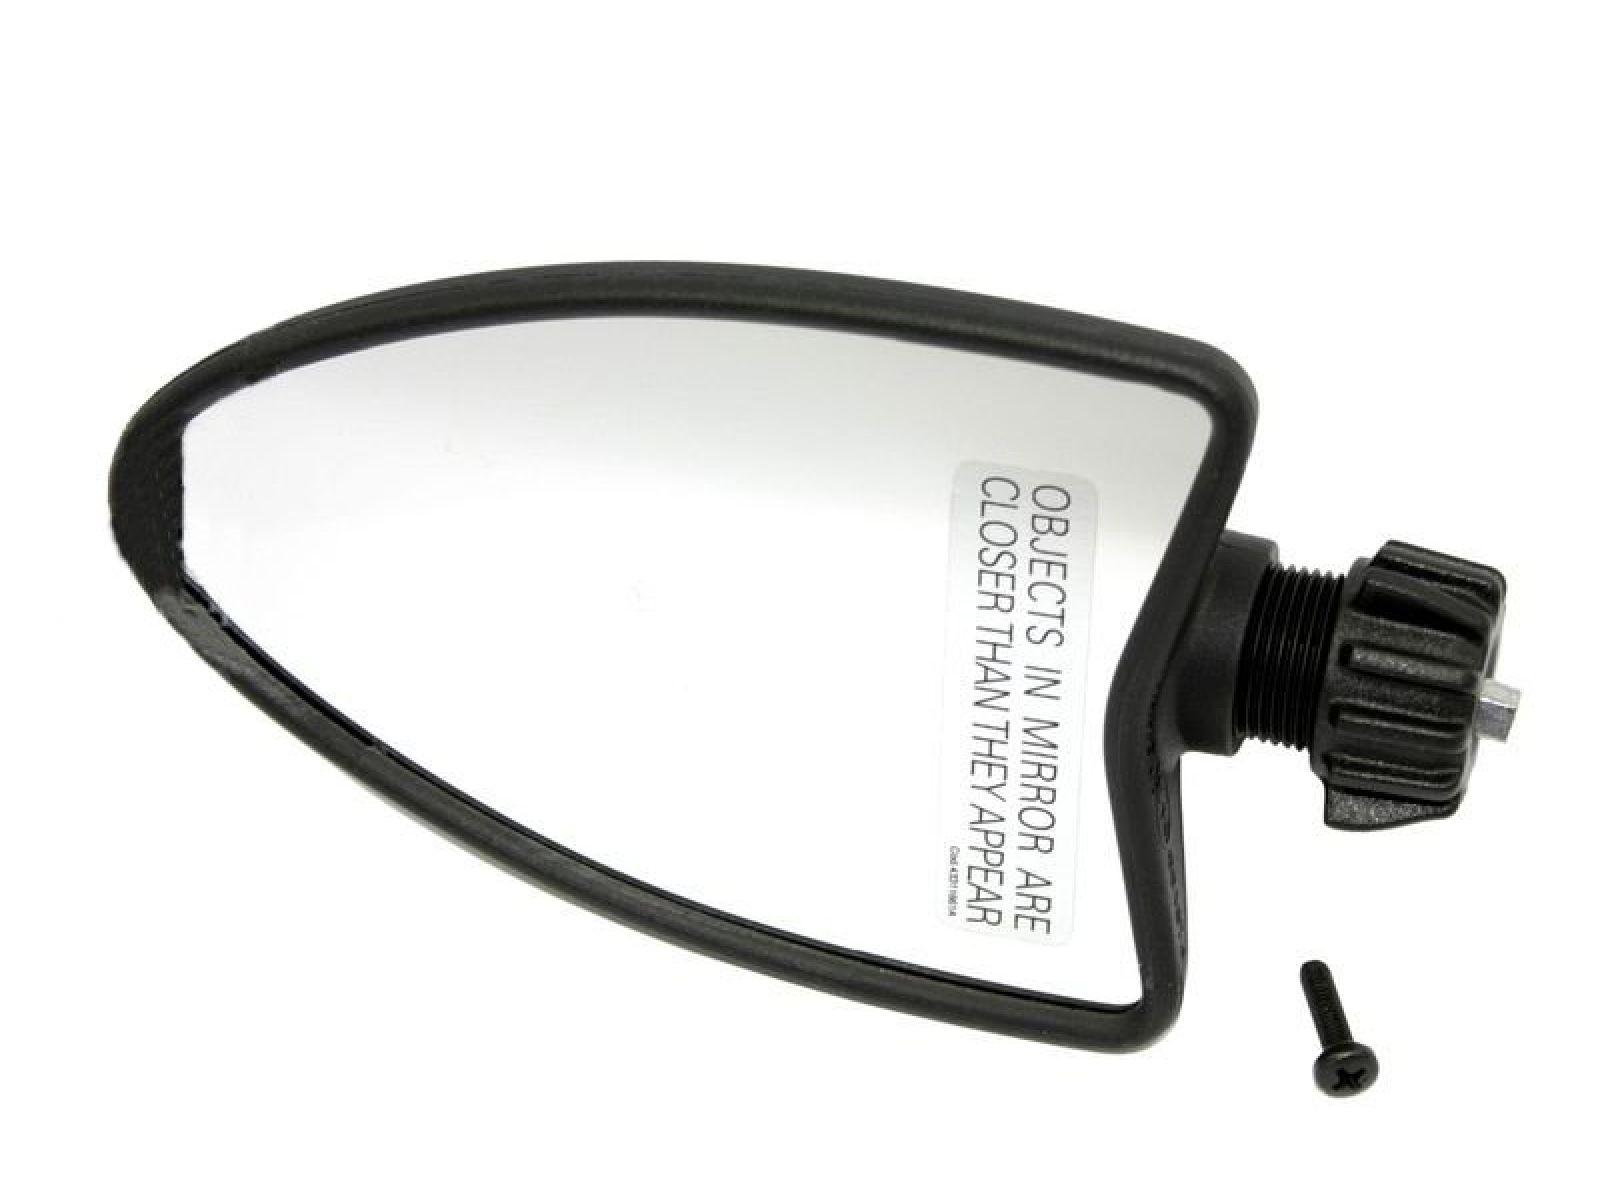 Зеркало универсальное для Ducati Hypermotard 1100 08-12, Hypermotard 796 10-12